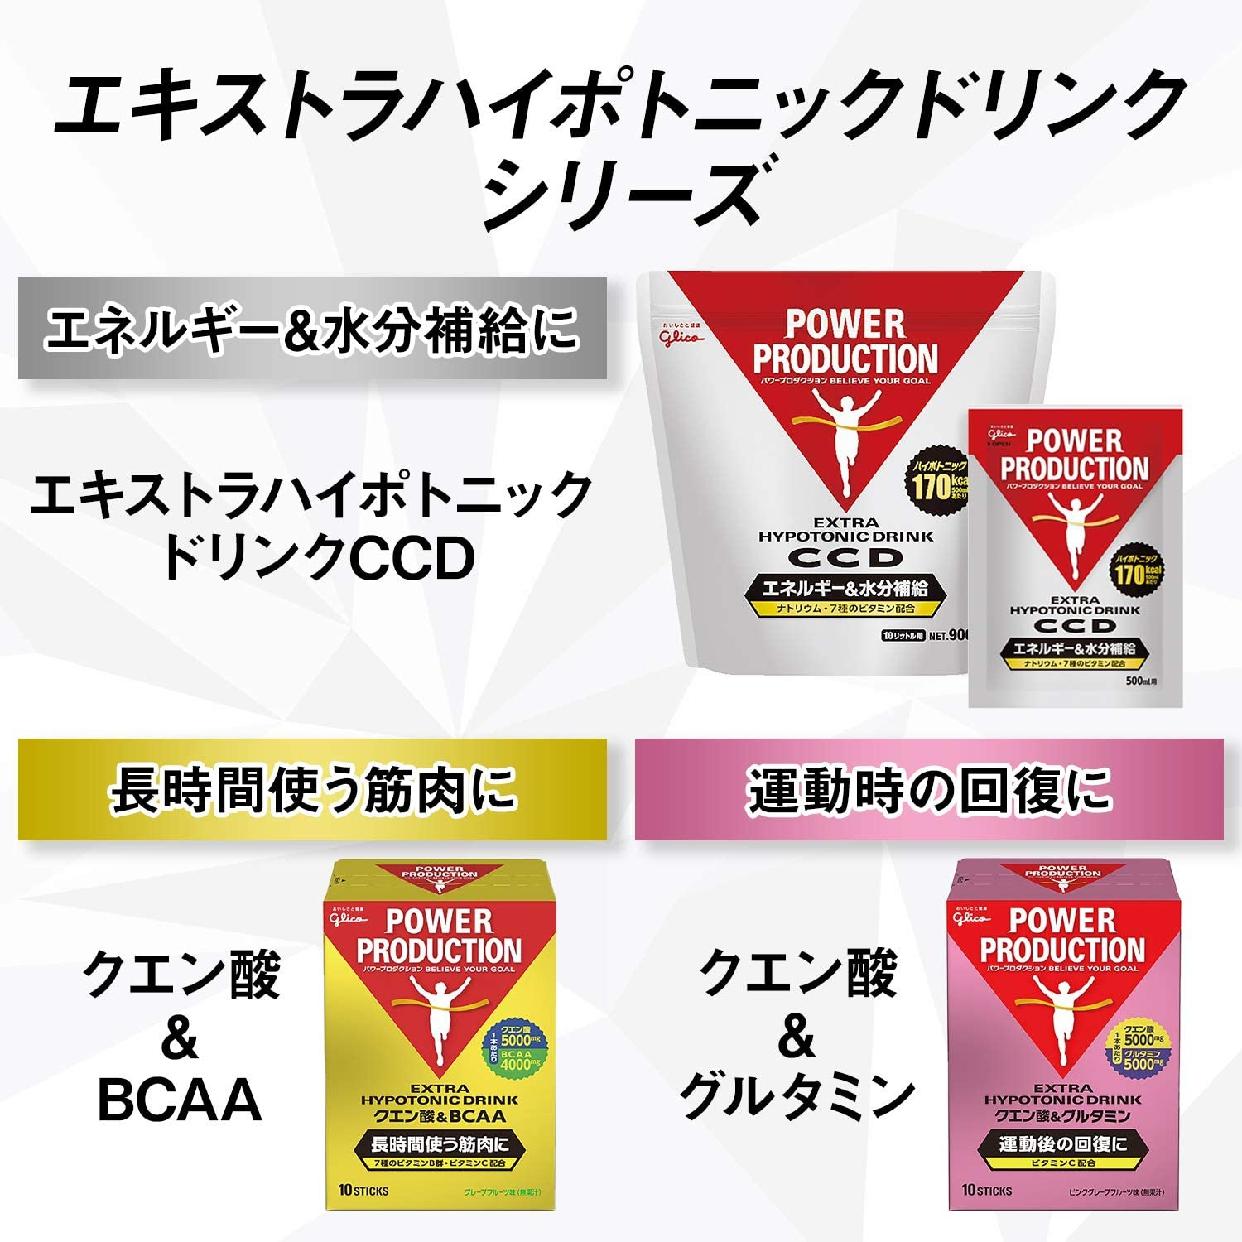 POWER PRODUCTION(パワープロダクション) エキストラハイポトニックドリンク クエン酸&BCAAの商品画像6